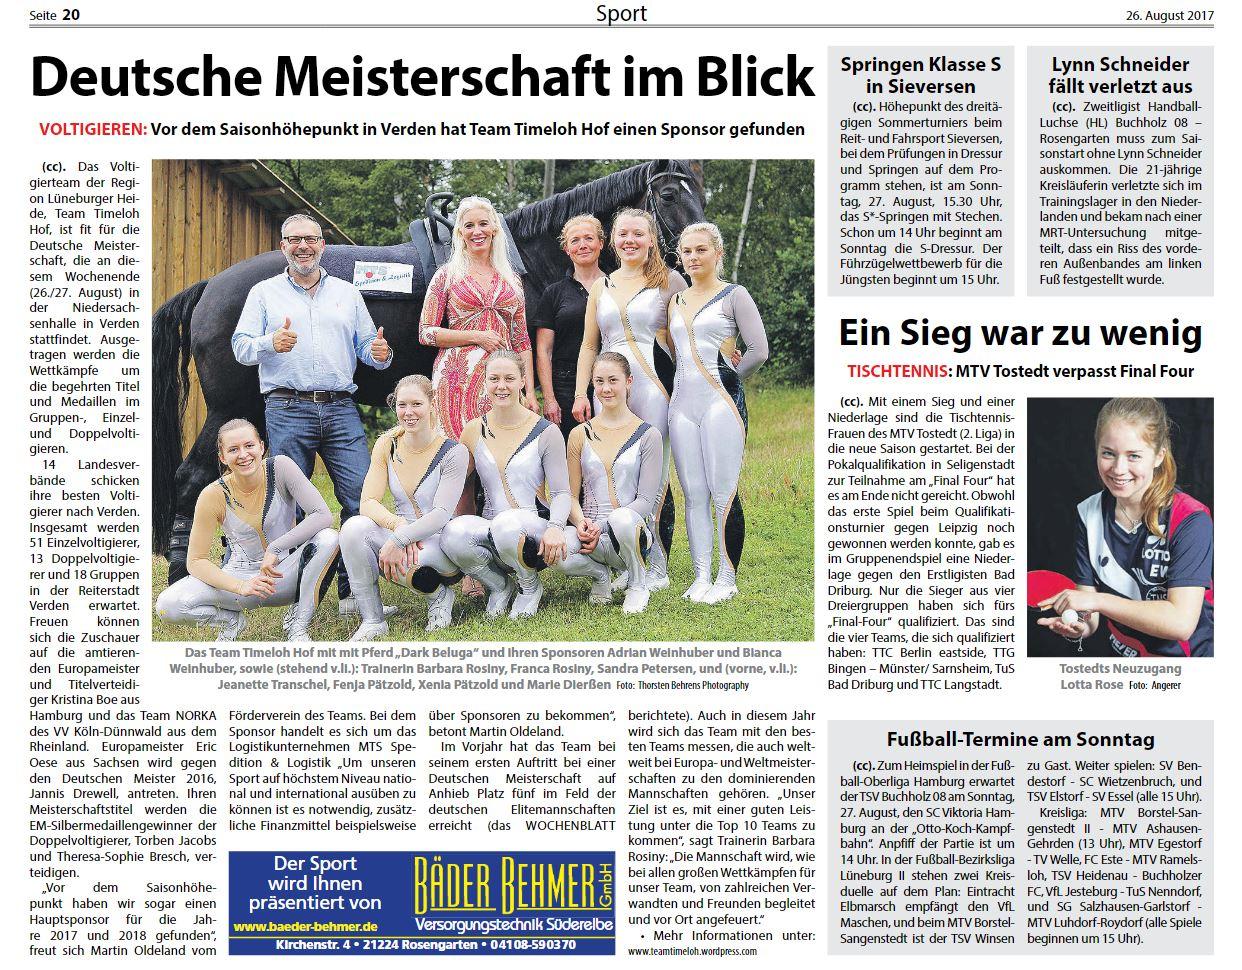 Fotoveröffentlichung für die Presse- & Öffentlichkeitsarbeit: Heute in der Kreiszeitung Wochenblatt Nordheide, Elbe & Geest vom 26. August 2017